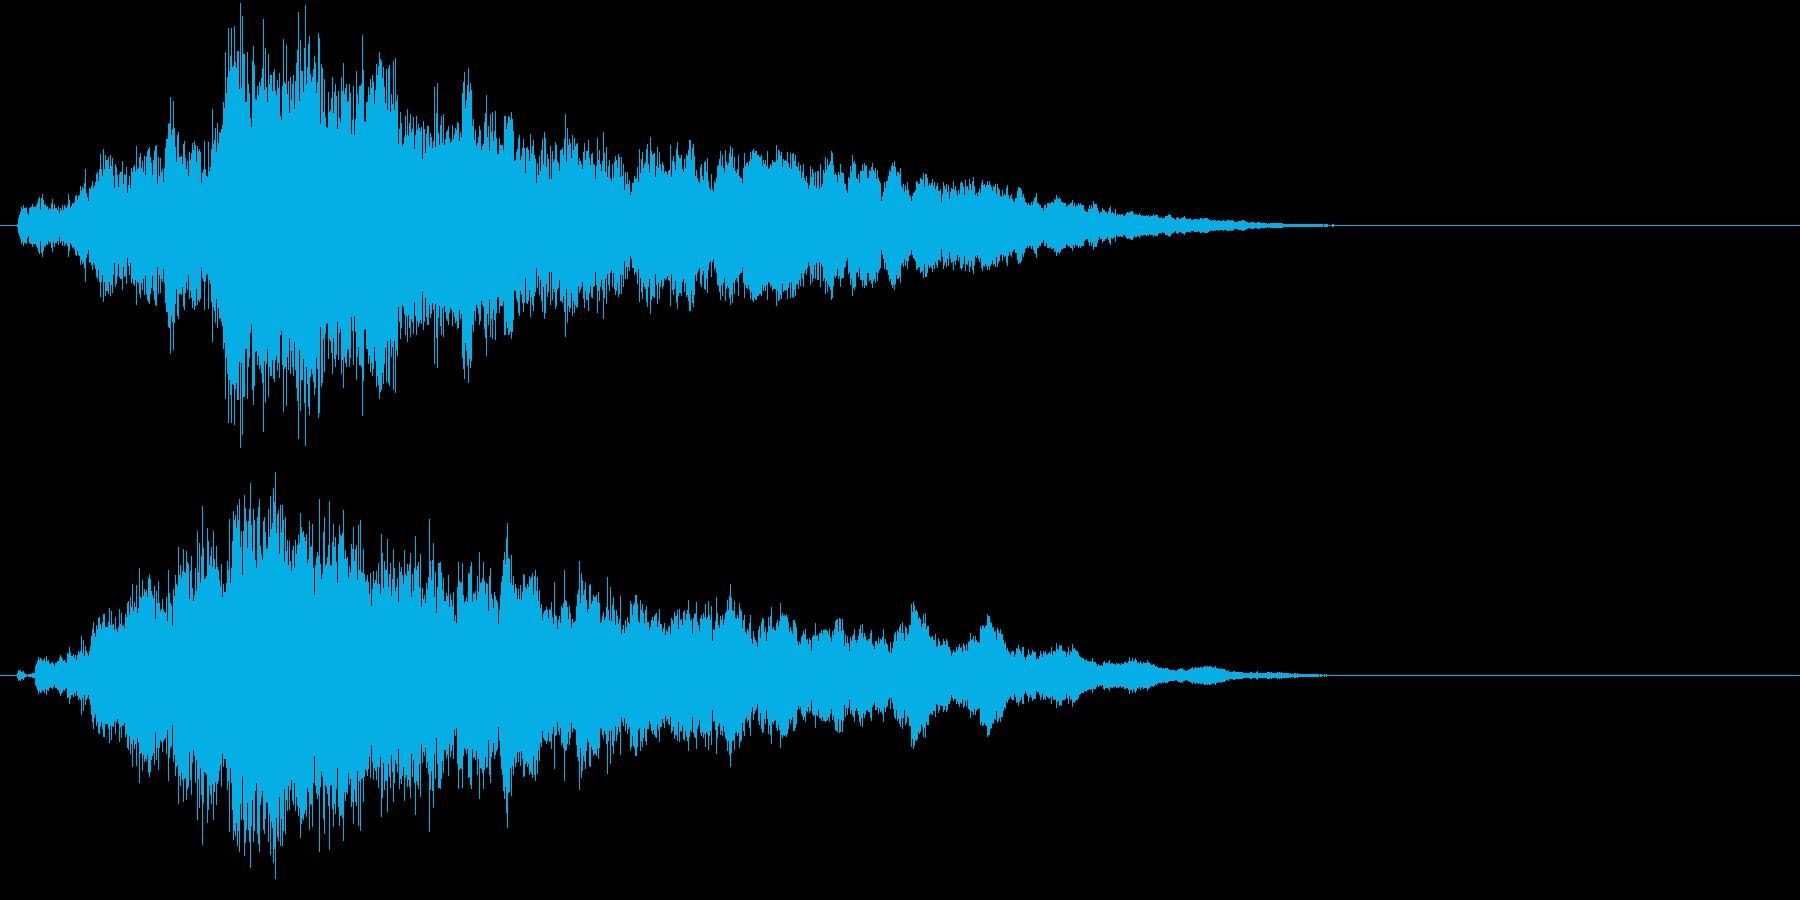 自然を意識した幻想的なサウンドロゴの再生済みの波形